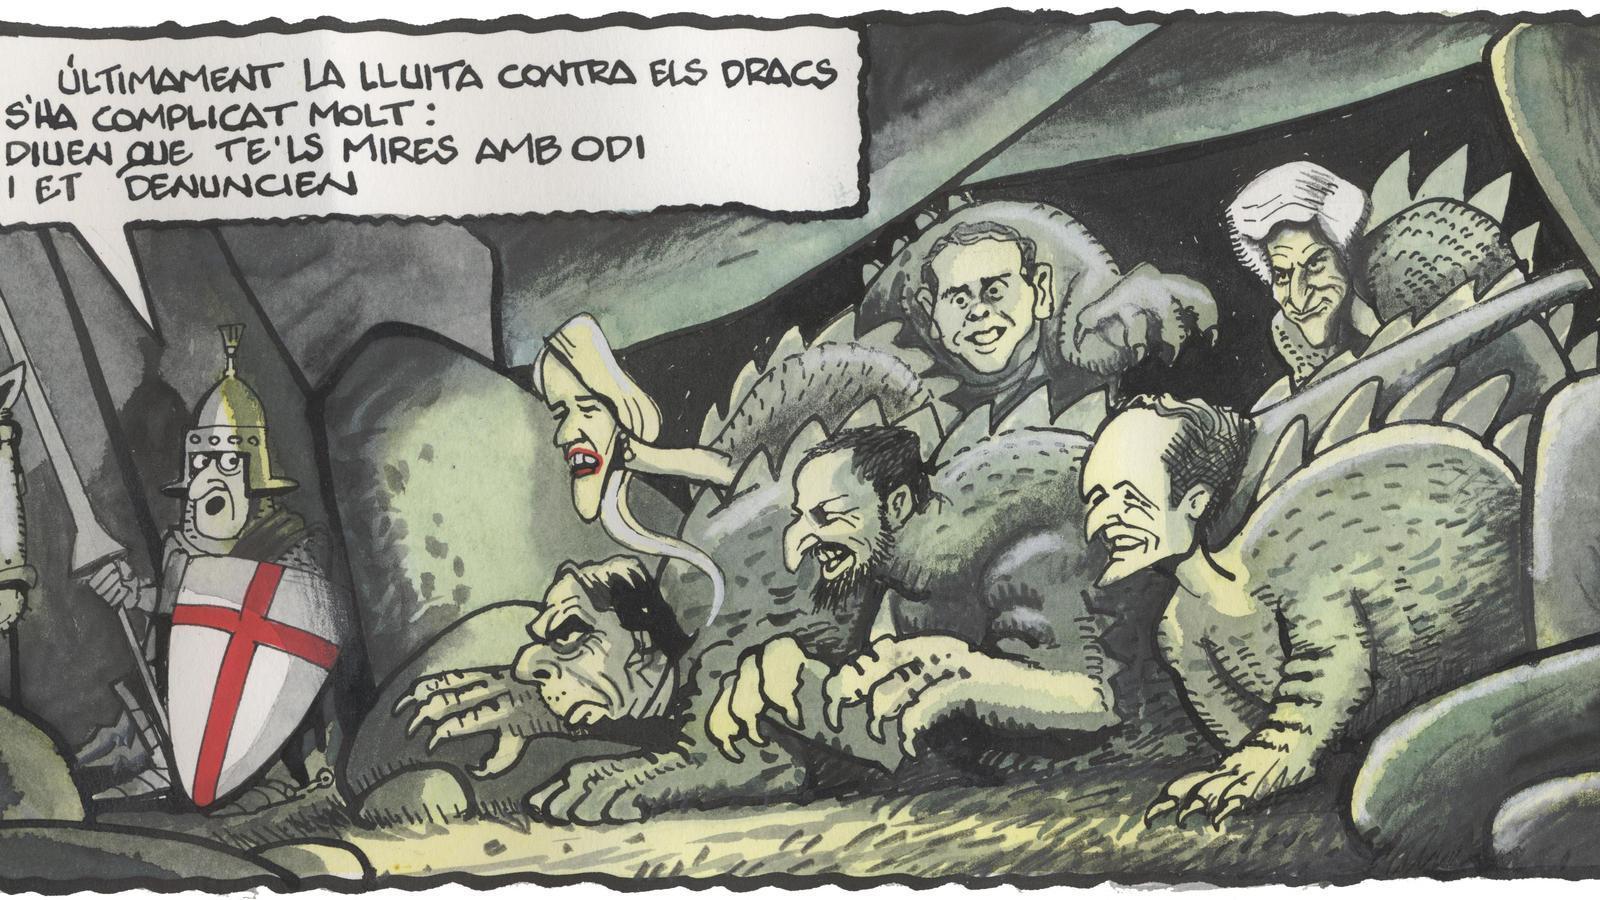 'A la contra', per Ferreres (23/04/2019)